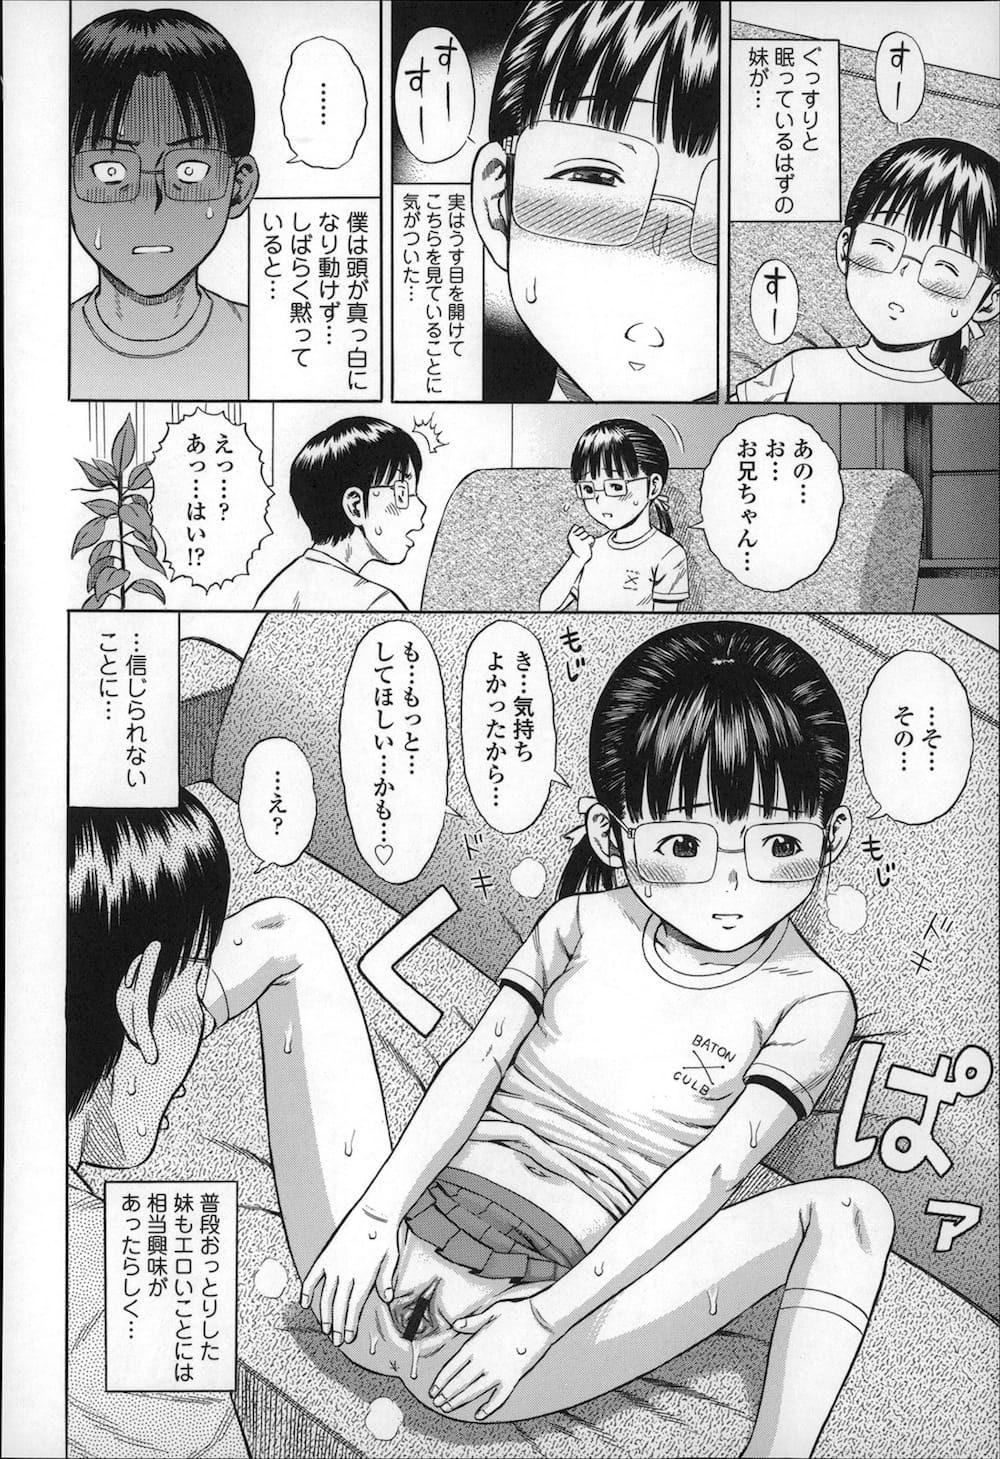 【エロ漫画】両親が不在の時におっとりしているメガネロリ妹とセックスしたら妹がSに目覚めてしまったwww 009